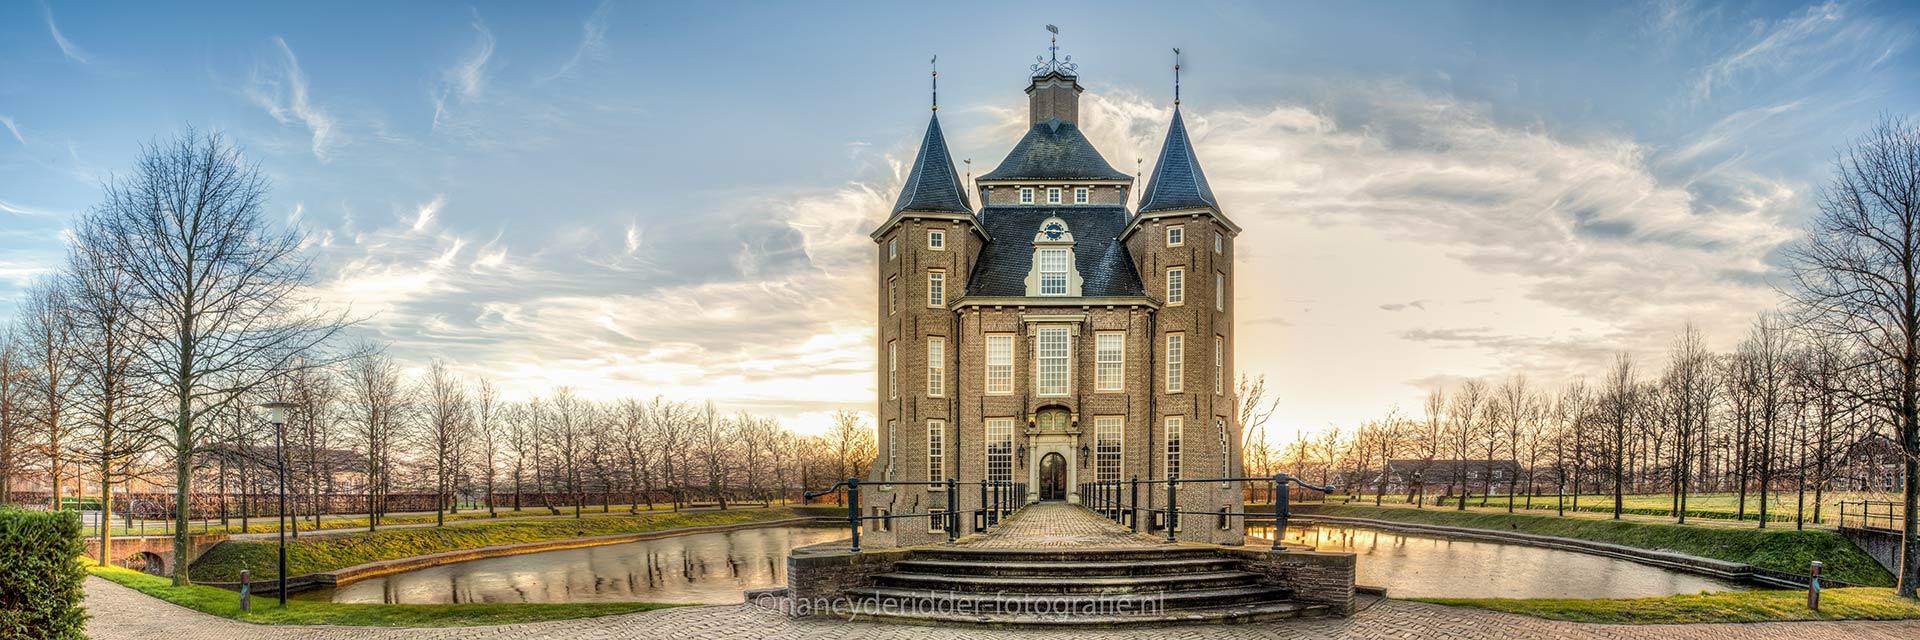 kasteel heemstede, kastelen